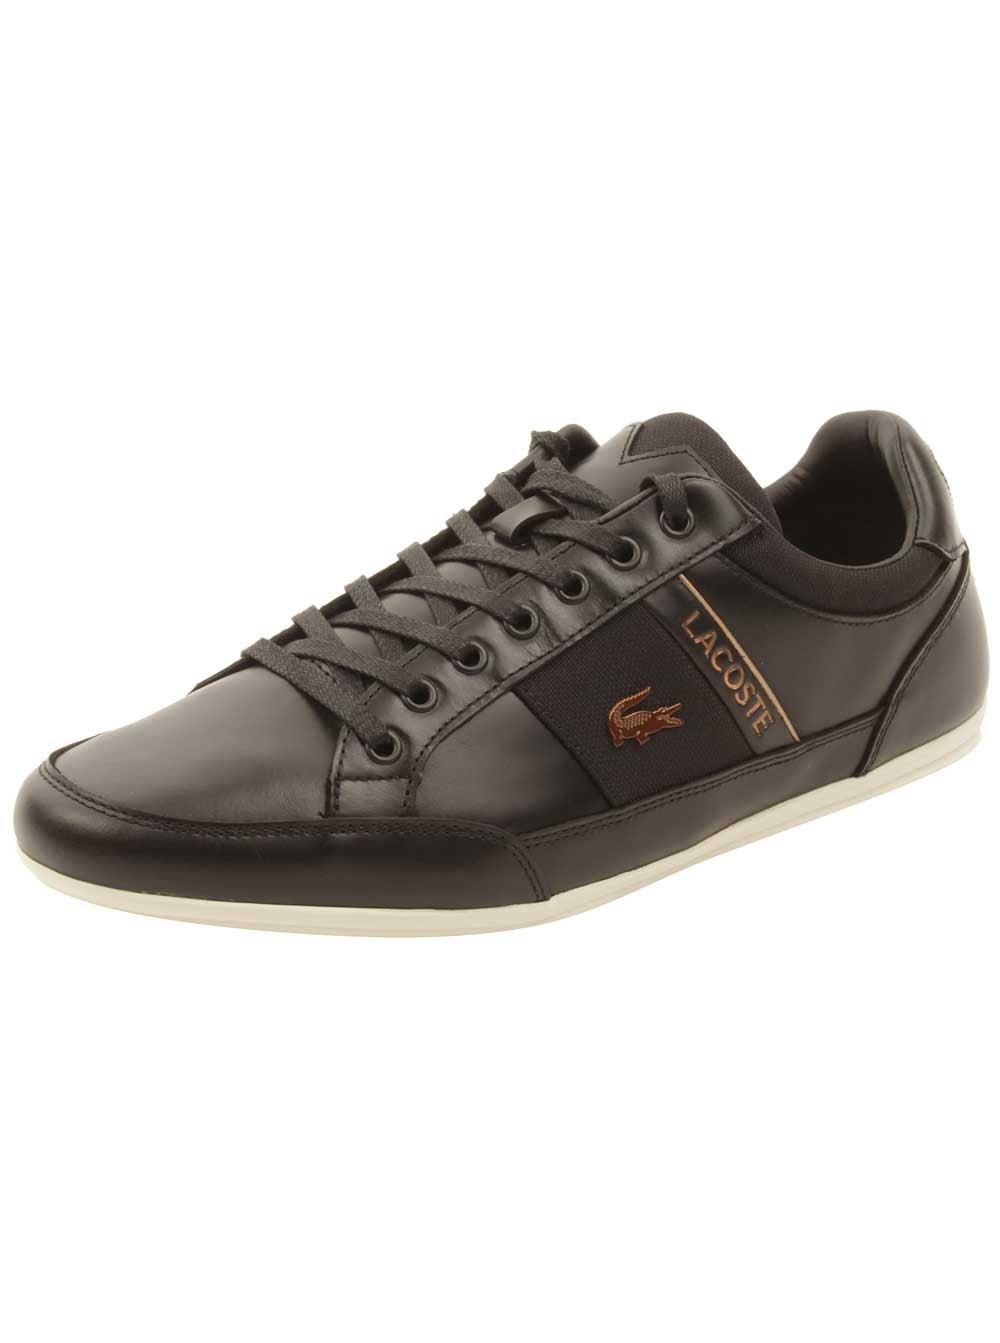 Lacoste Men's Chaymon 318 7 U Sneaker